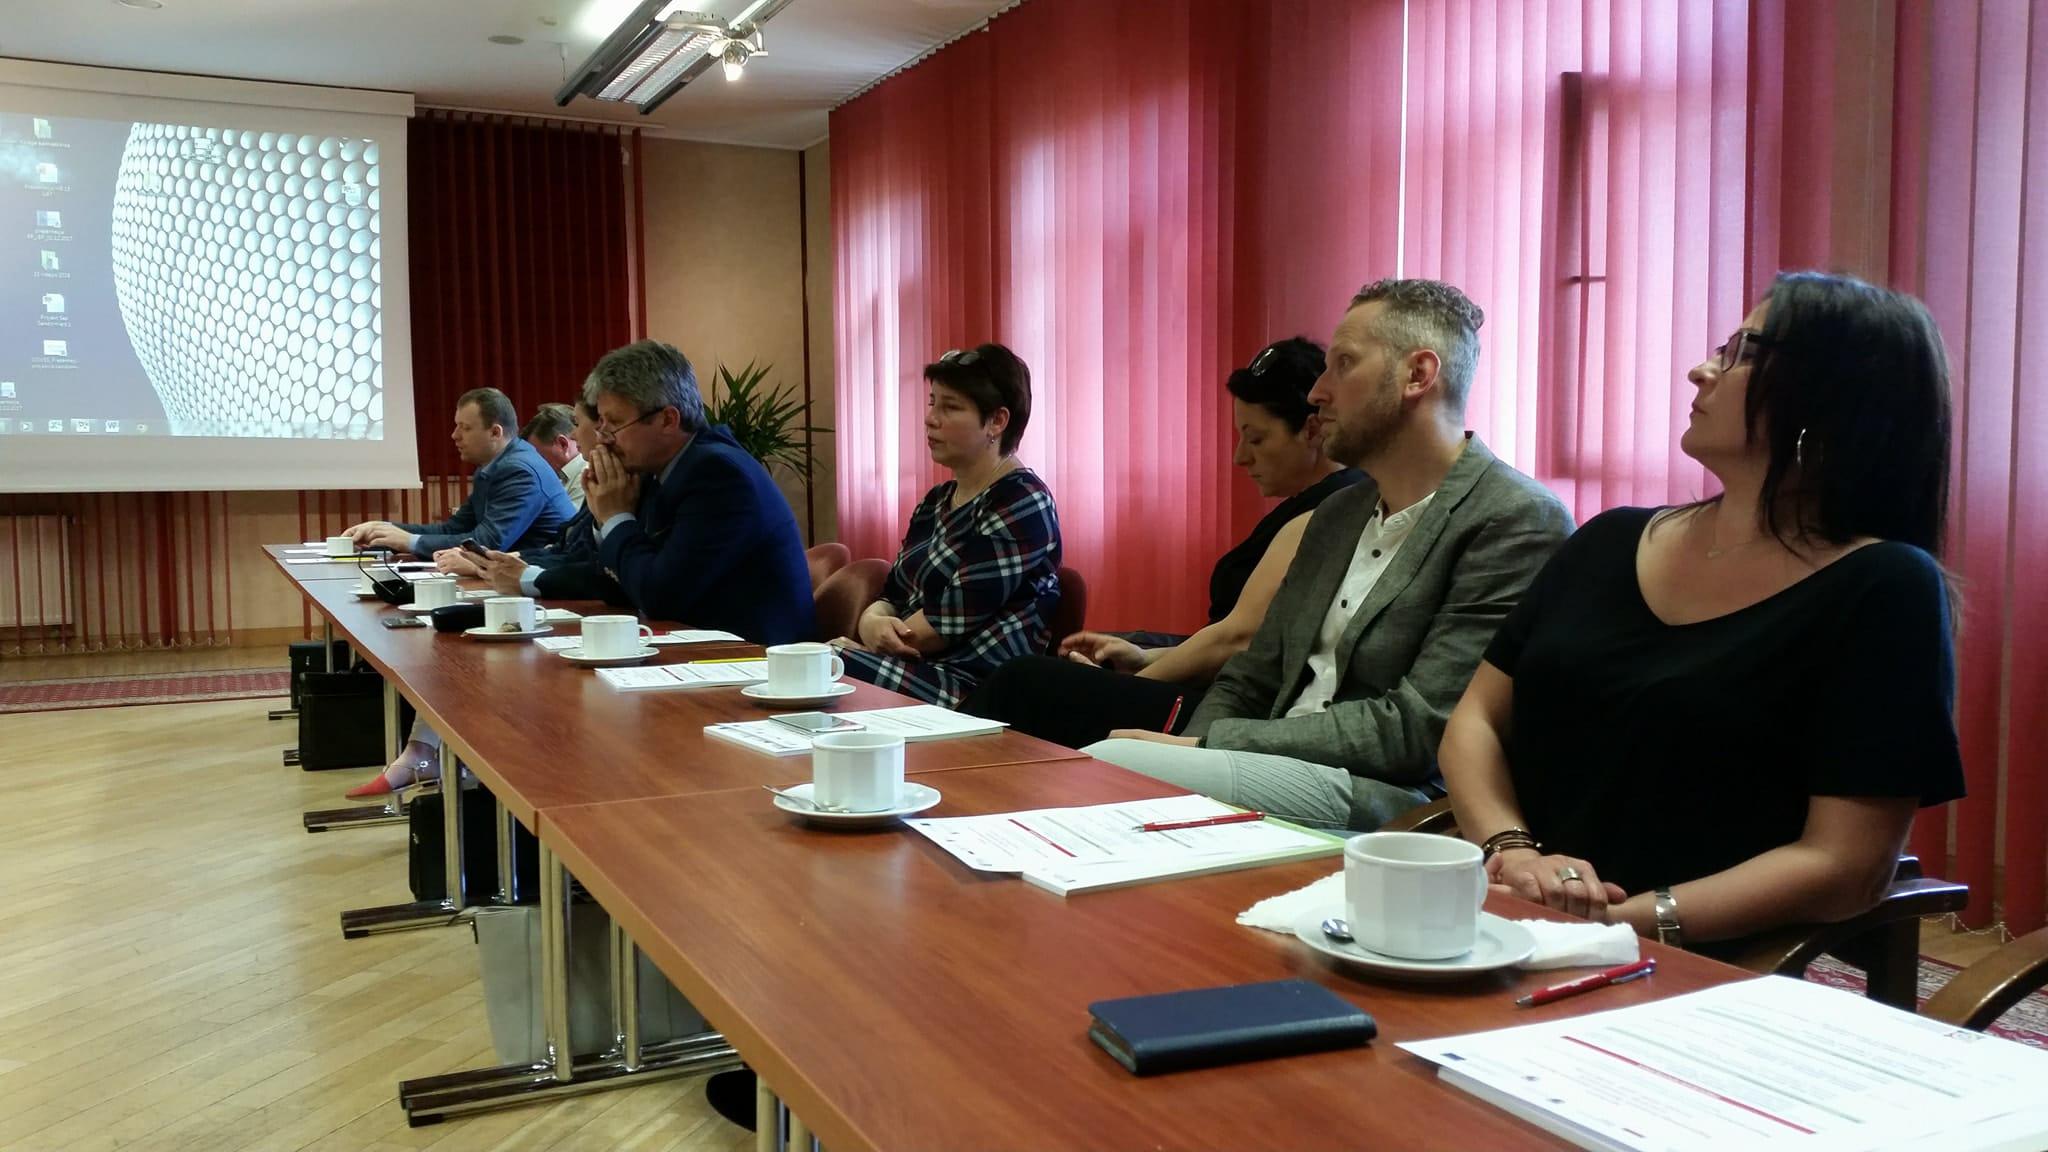 Sandomierz - Spotkanie Regionalnego Komitetu Rozwoju Ekonomii Społecznej orazGrup Tematycznych